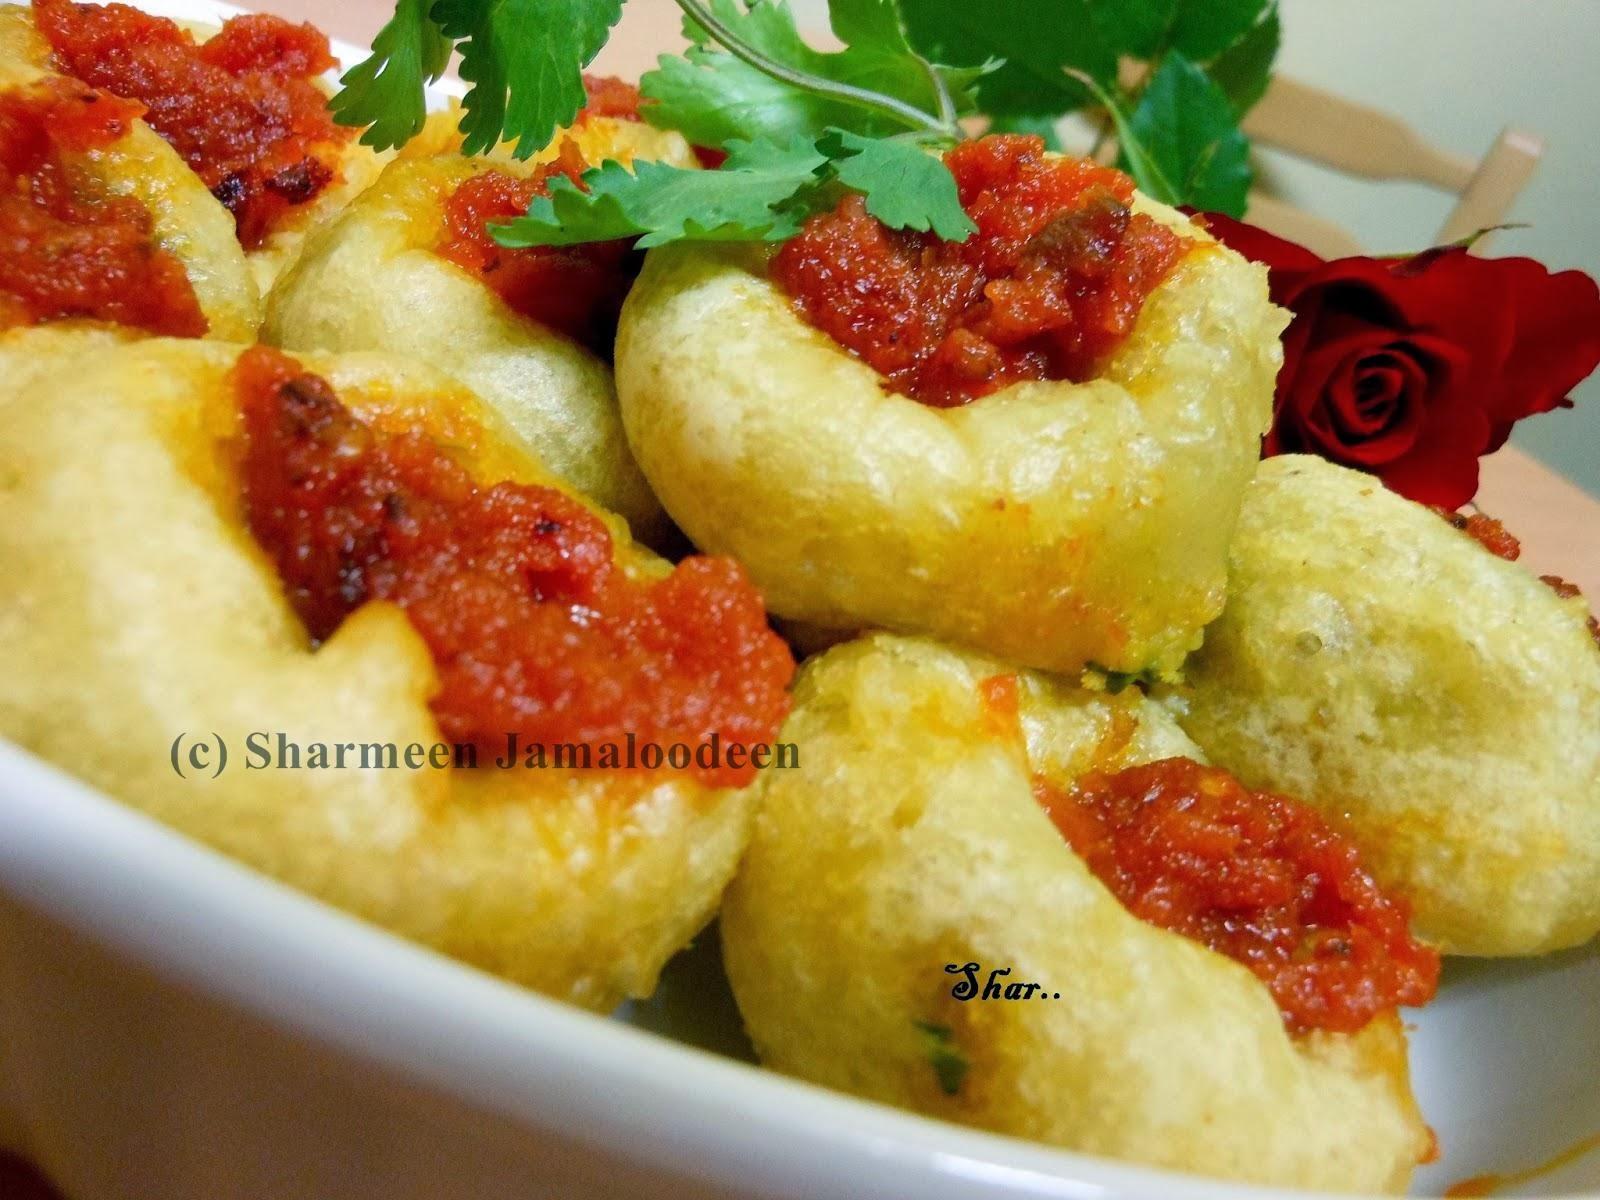 Wonderful Mauritius Eid Al-Fitr Food - y2hldoq  You Should Have_863159 .JPG